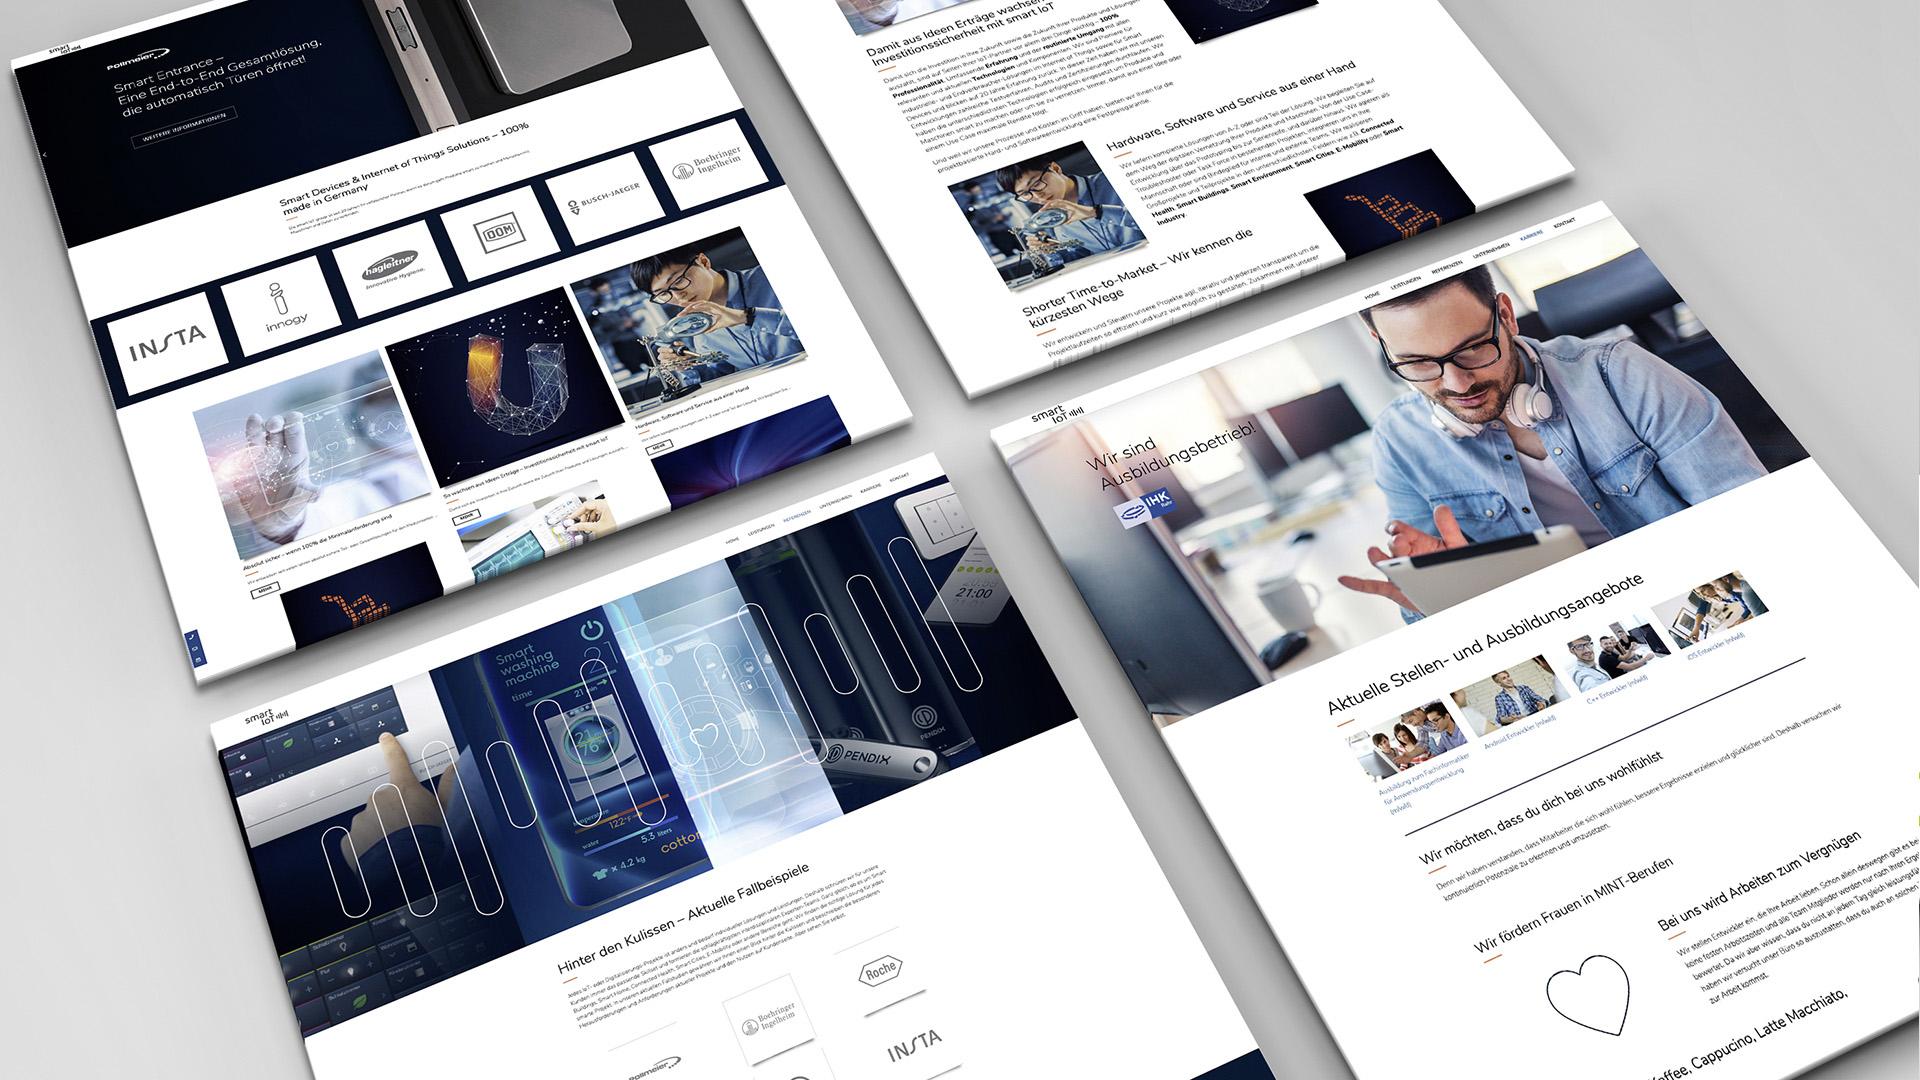 Userinterfaces Website smart IoT